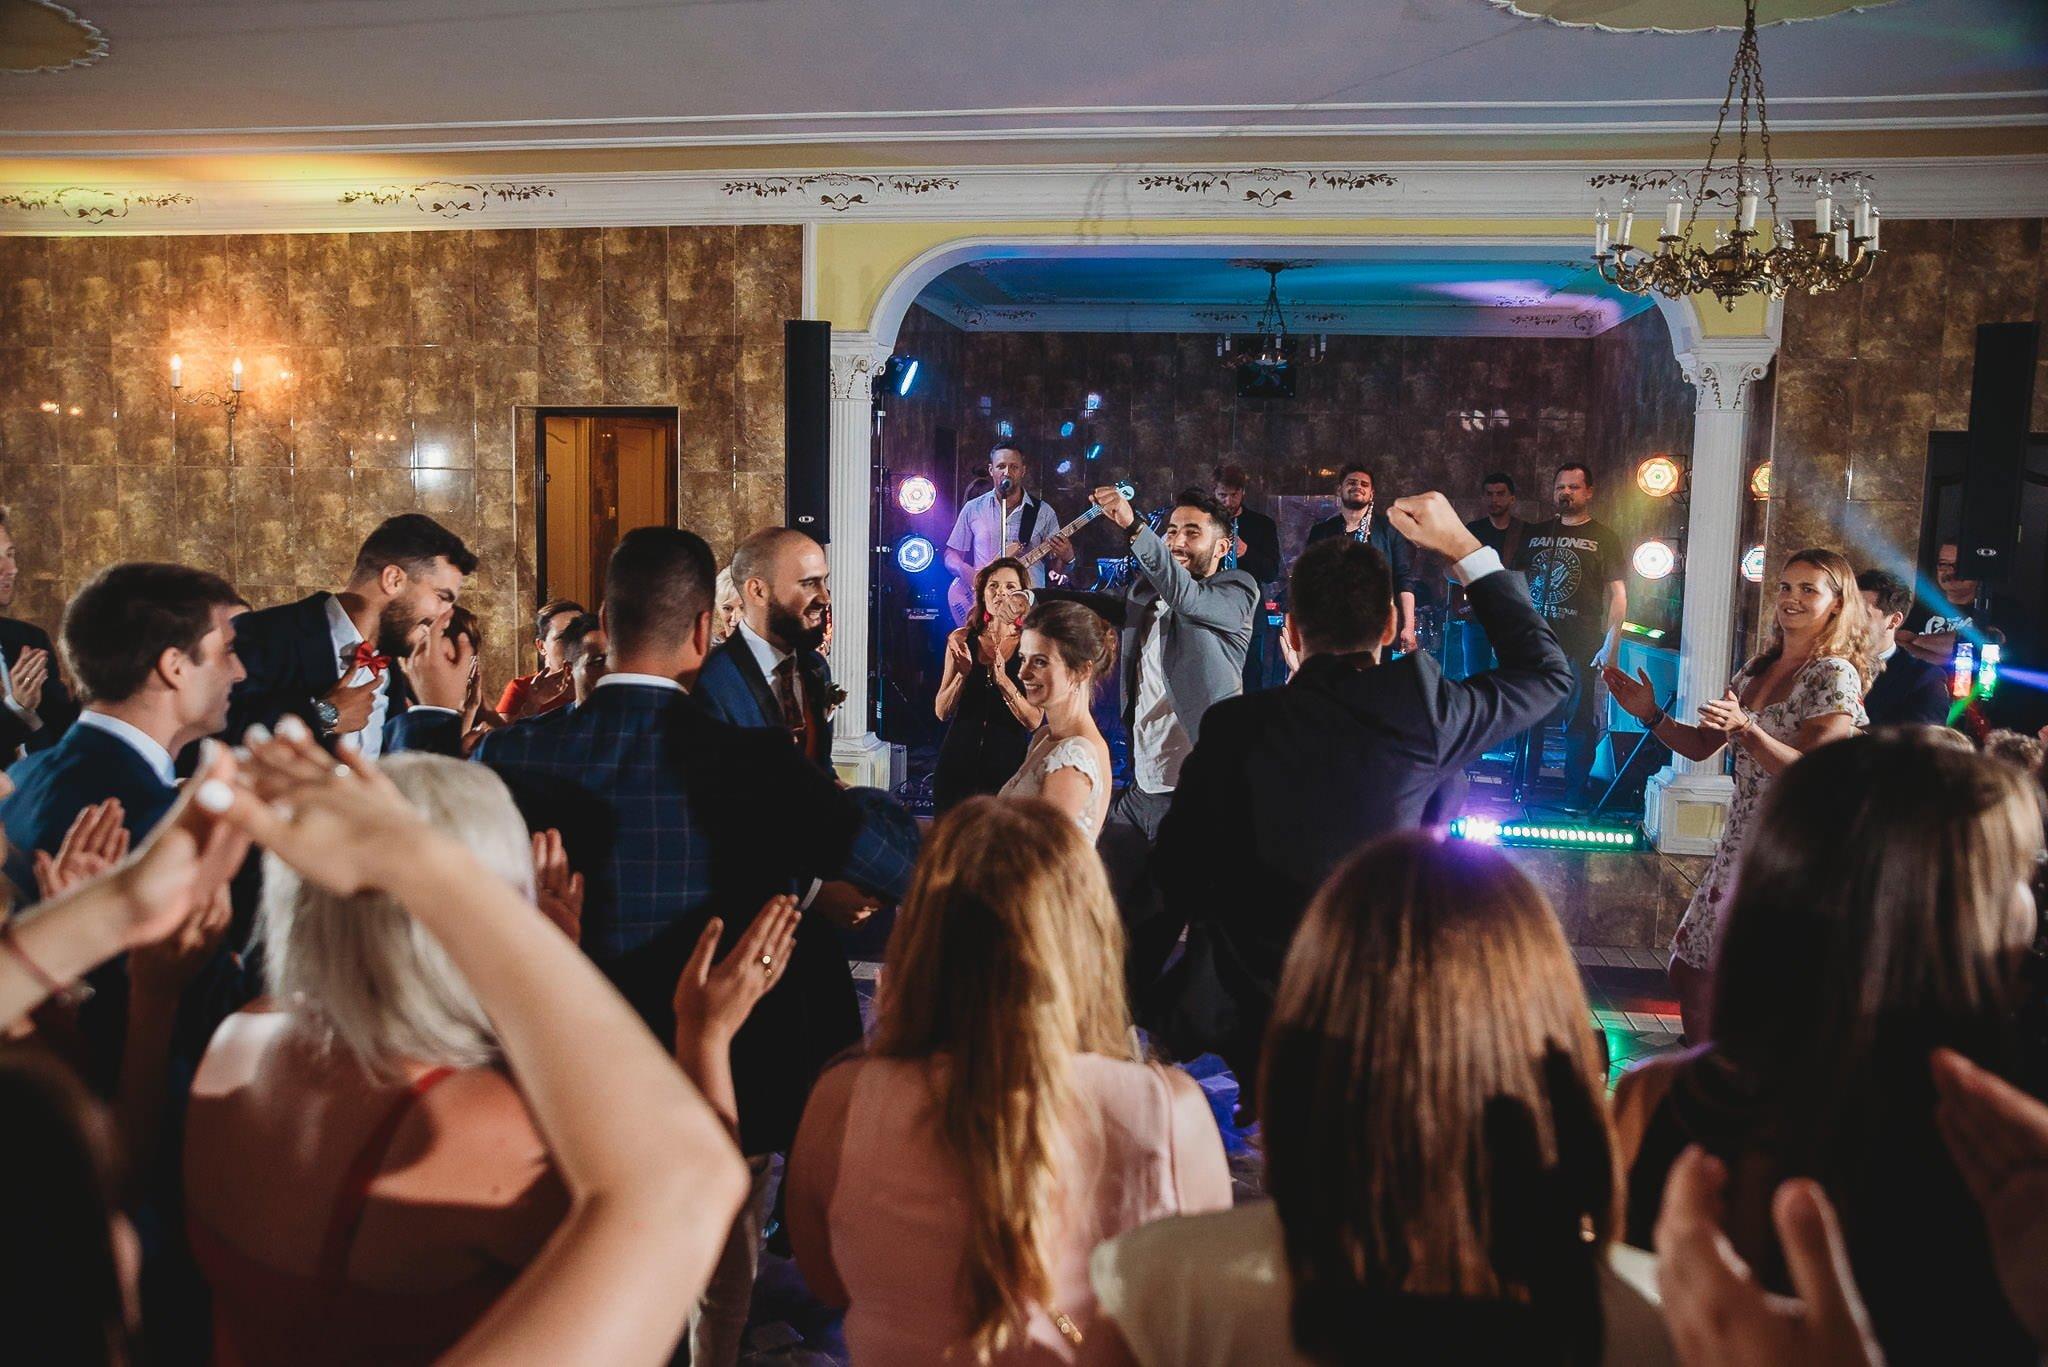 koncert, Jarocin, zabawa weselna, ślub,